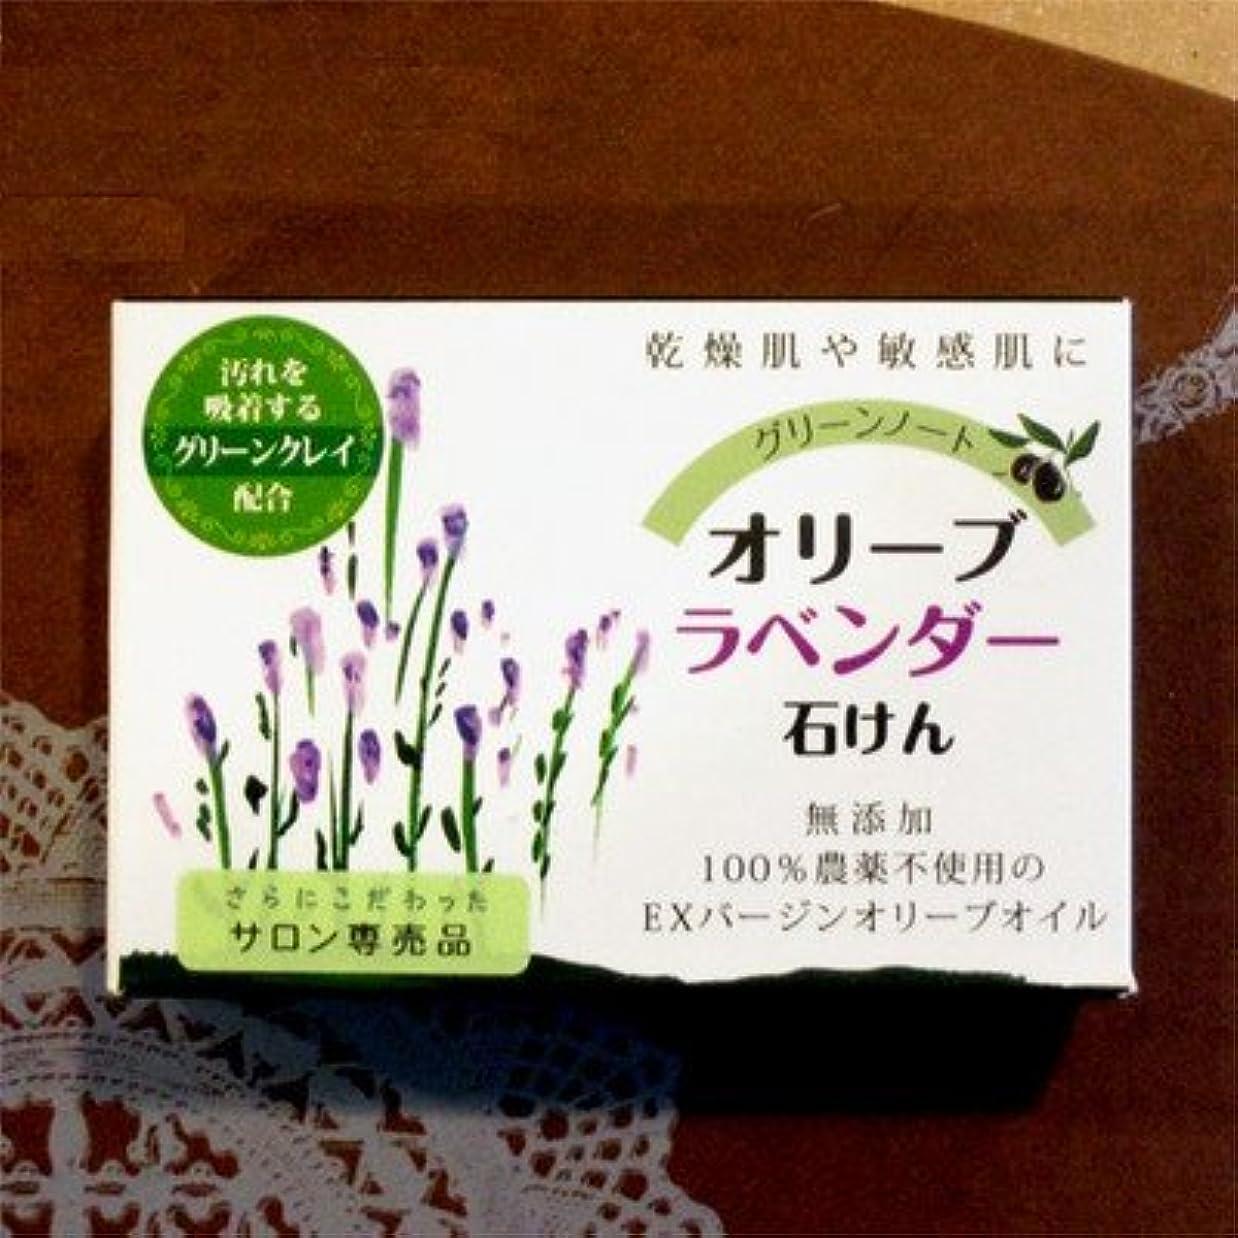 傾向動員するピンチグリーンノート オーガニック ハーブ ソープ 無農薬 無添加 オリーブ ラベンダー せ鹸 100g